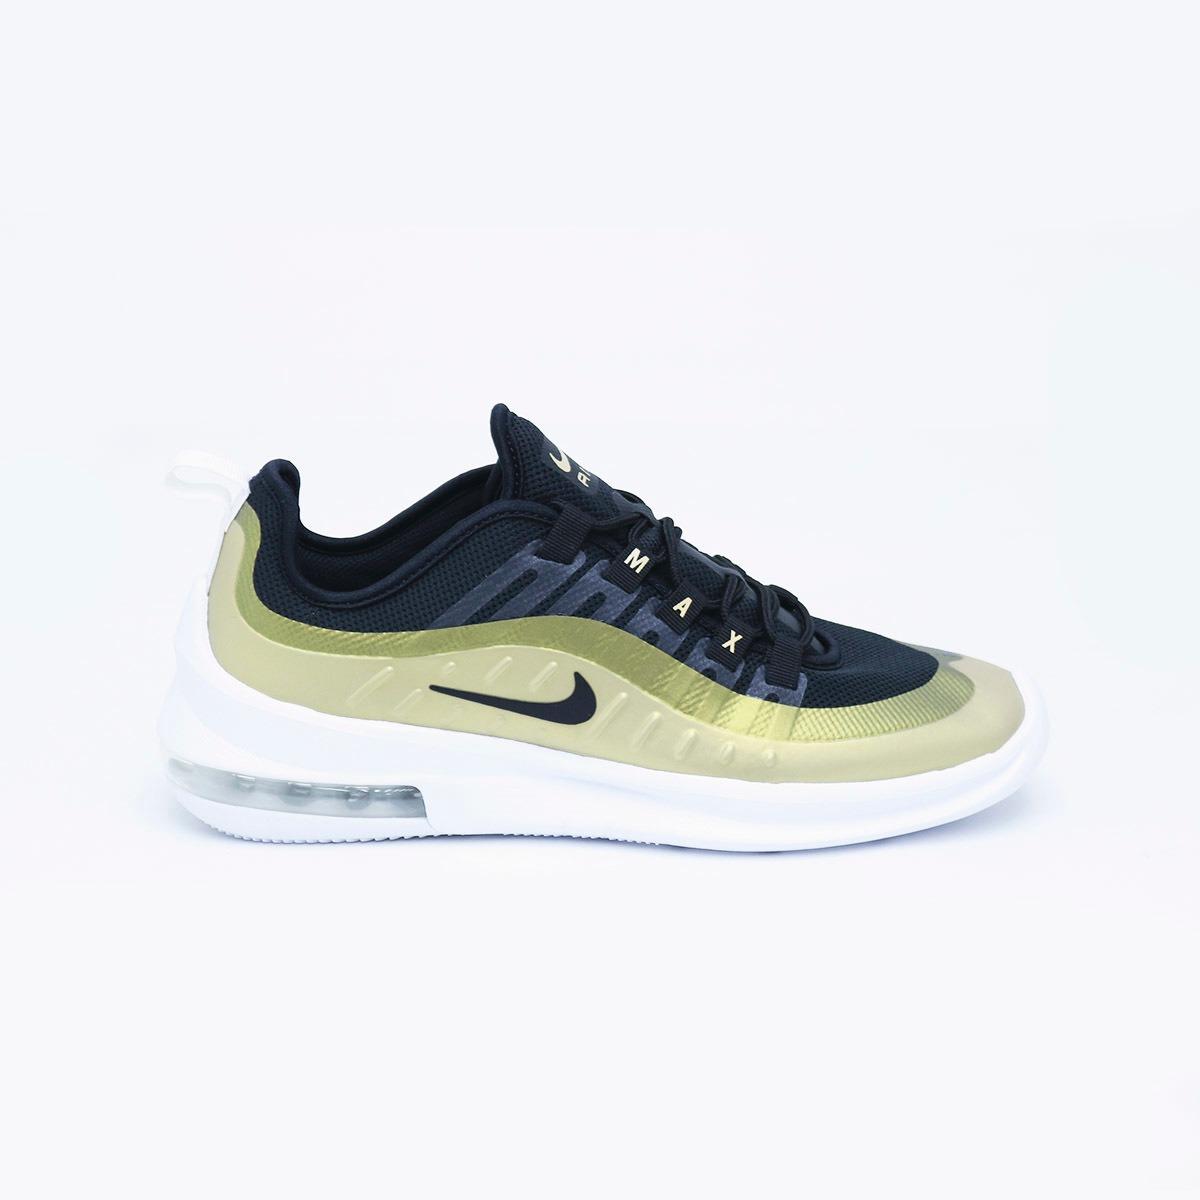 Tenis Nike Air Max Axis Dorado